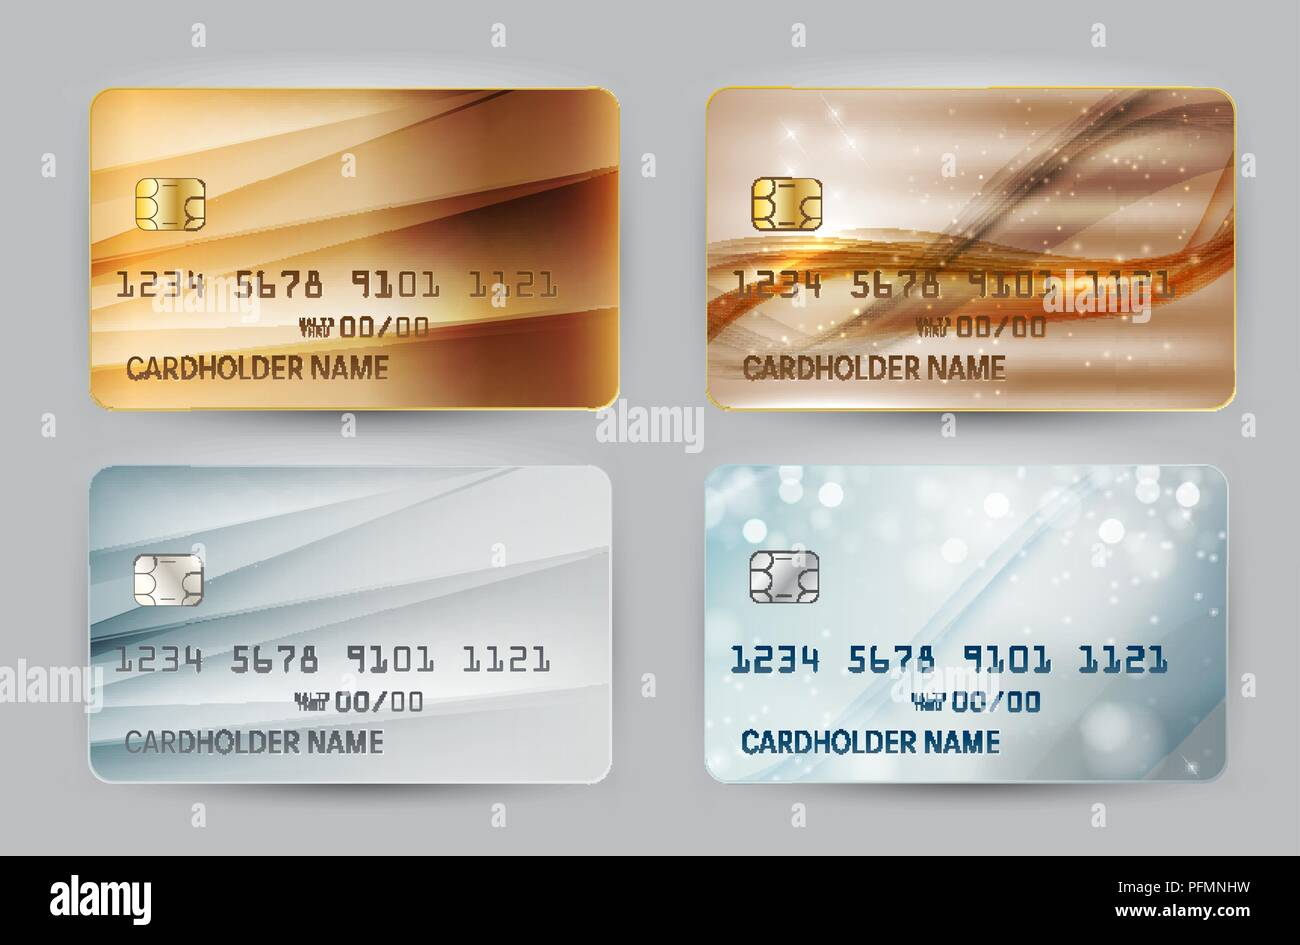 Carte Bancaire Or.Des Vagues D Or Et D Argent De La Carte Bancaire Modele